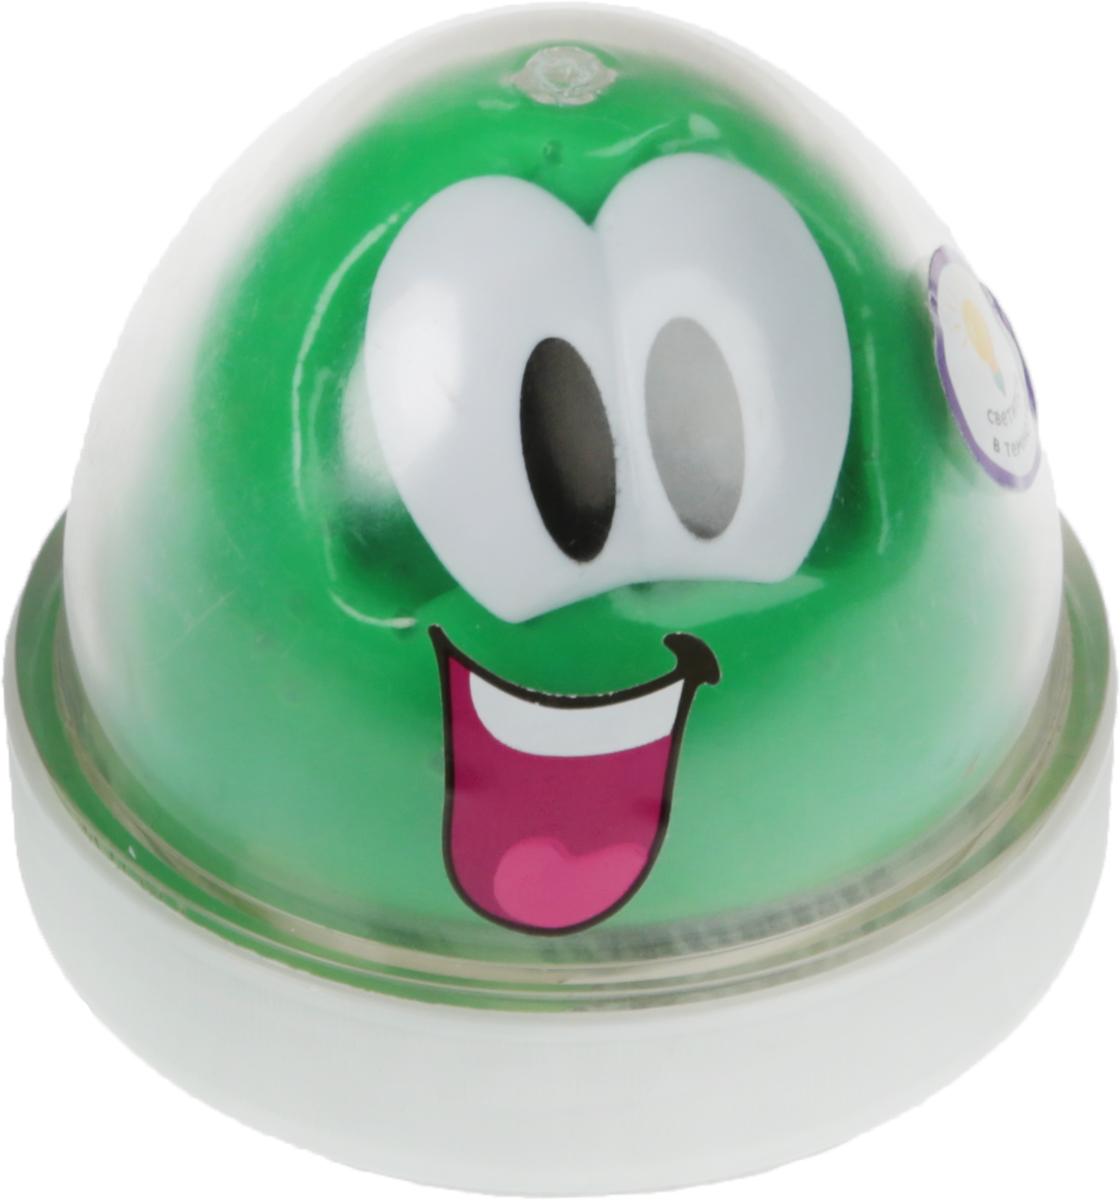 Genio Kids Пластилин для детской лепки Smart Gum светящийся в темноте цвет зеленый -  Пластилин